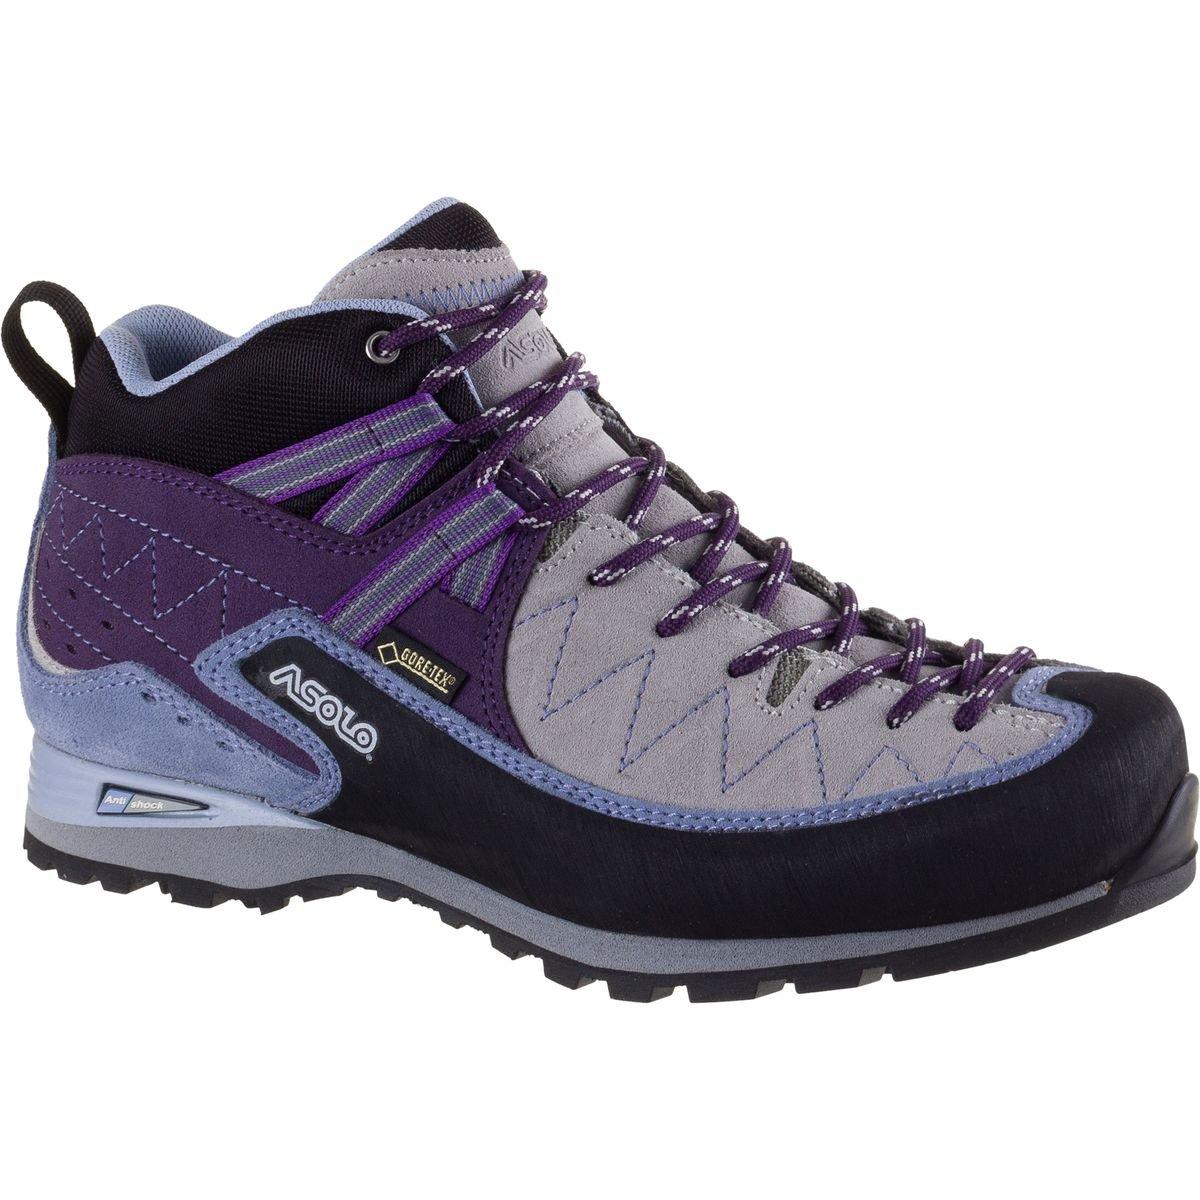 Asolo Jumla GV Approach Shoe - Women's B01DYGFVC8 9.5 B(M) US|Silver/Lilac